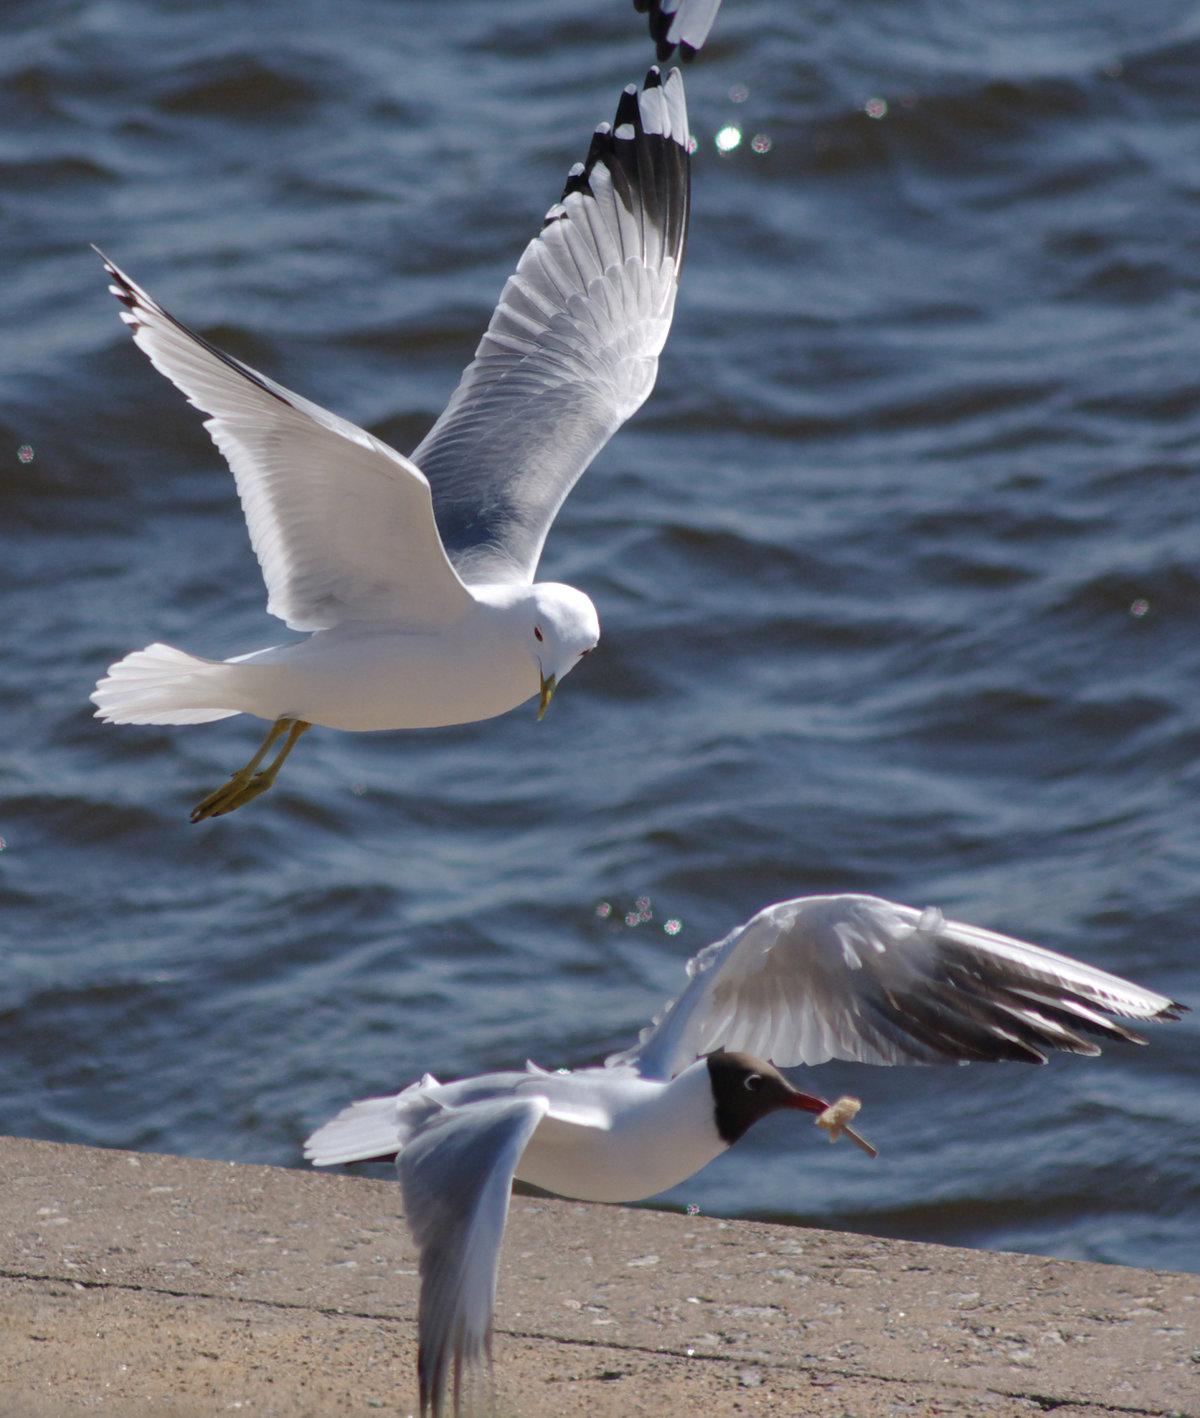 того чтобы чайка над морем фото время присяги